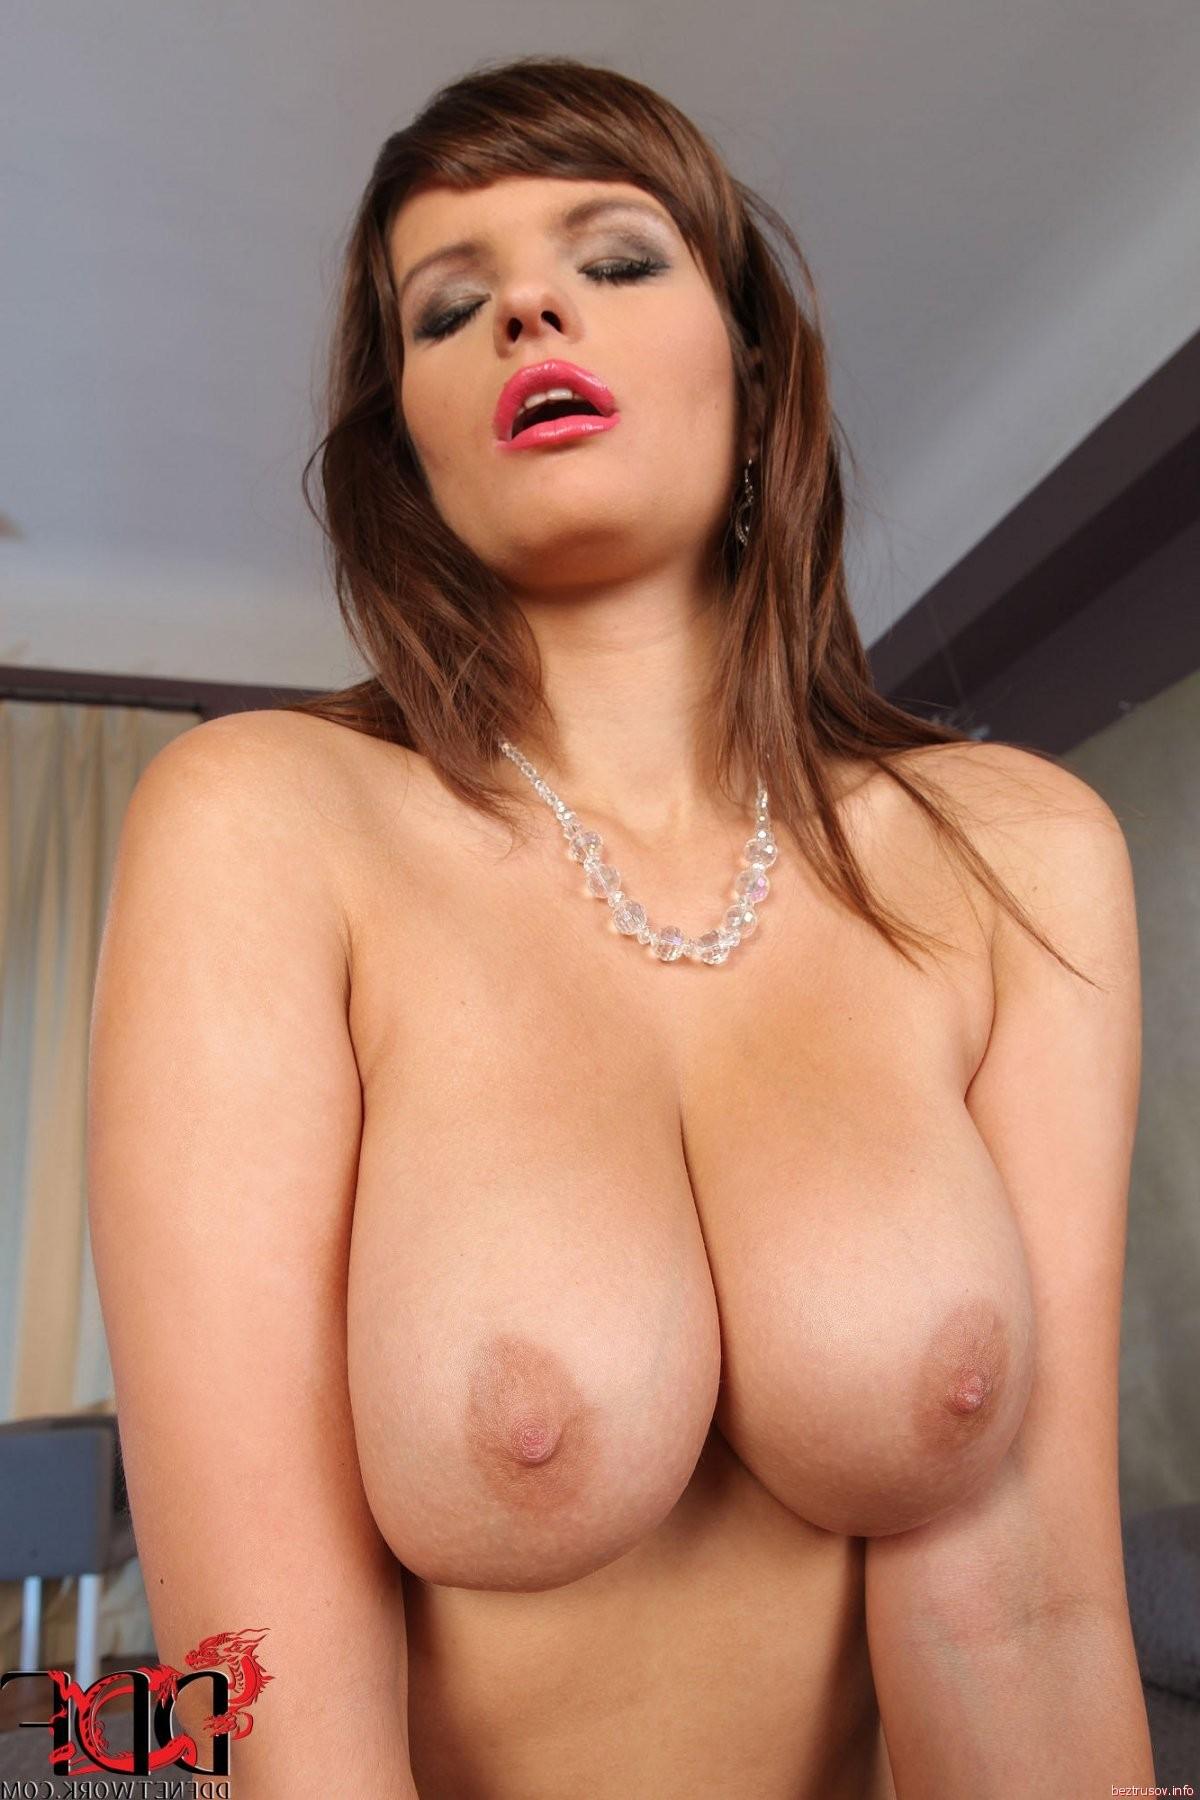 nude big ass porn – Amateur